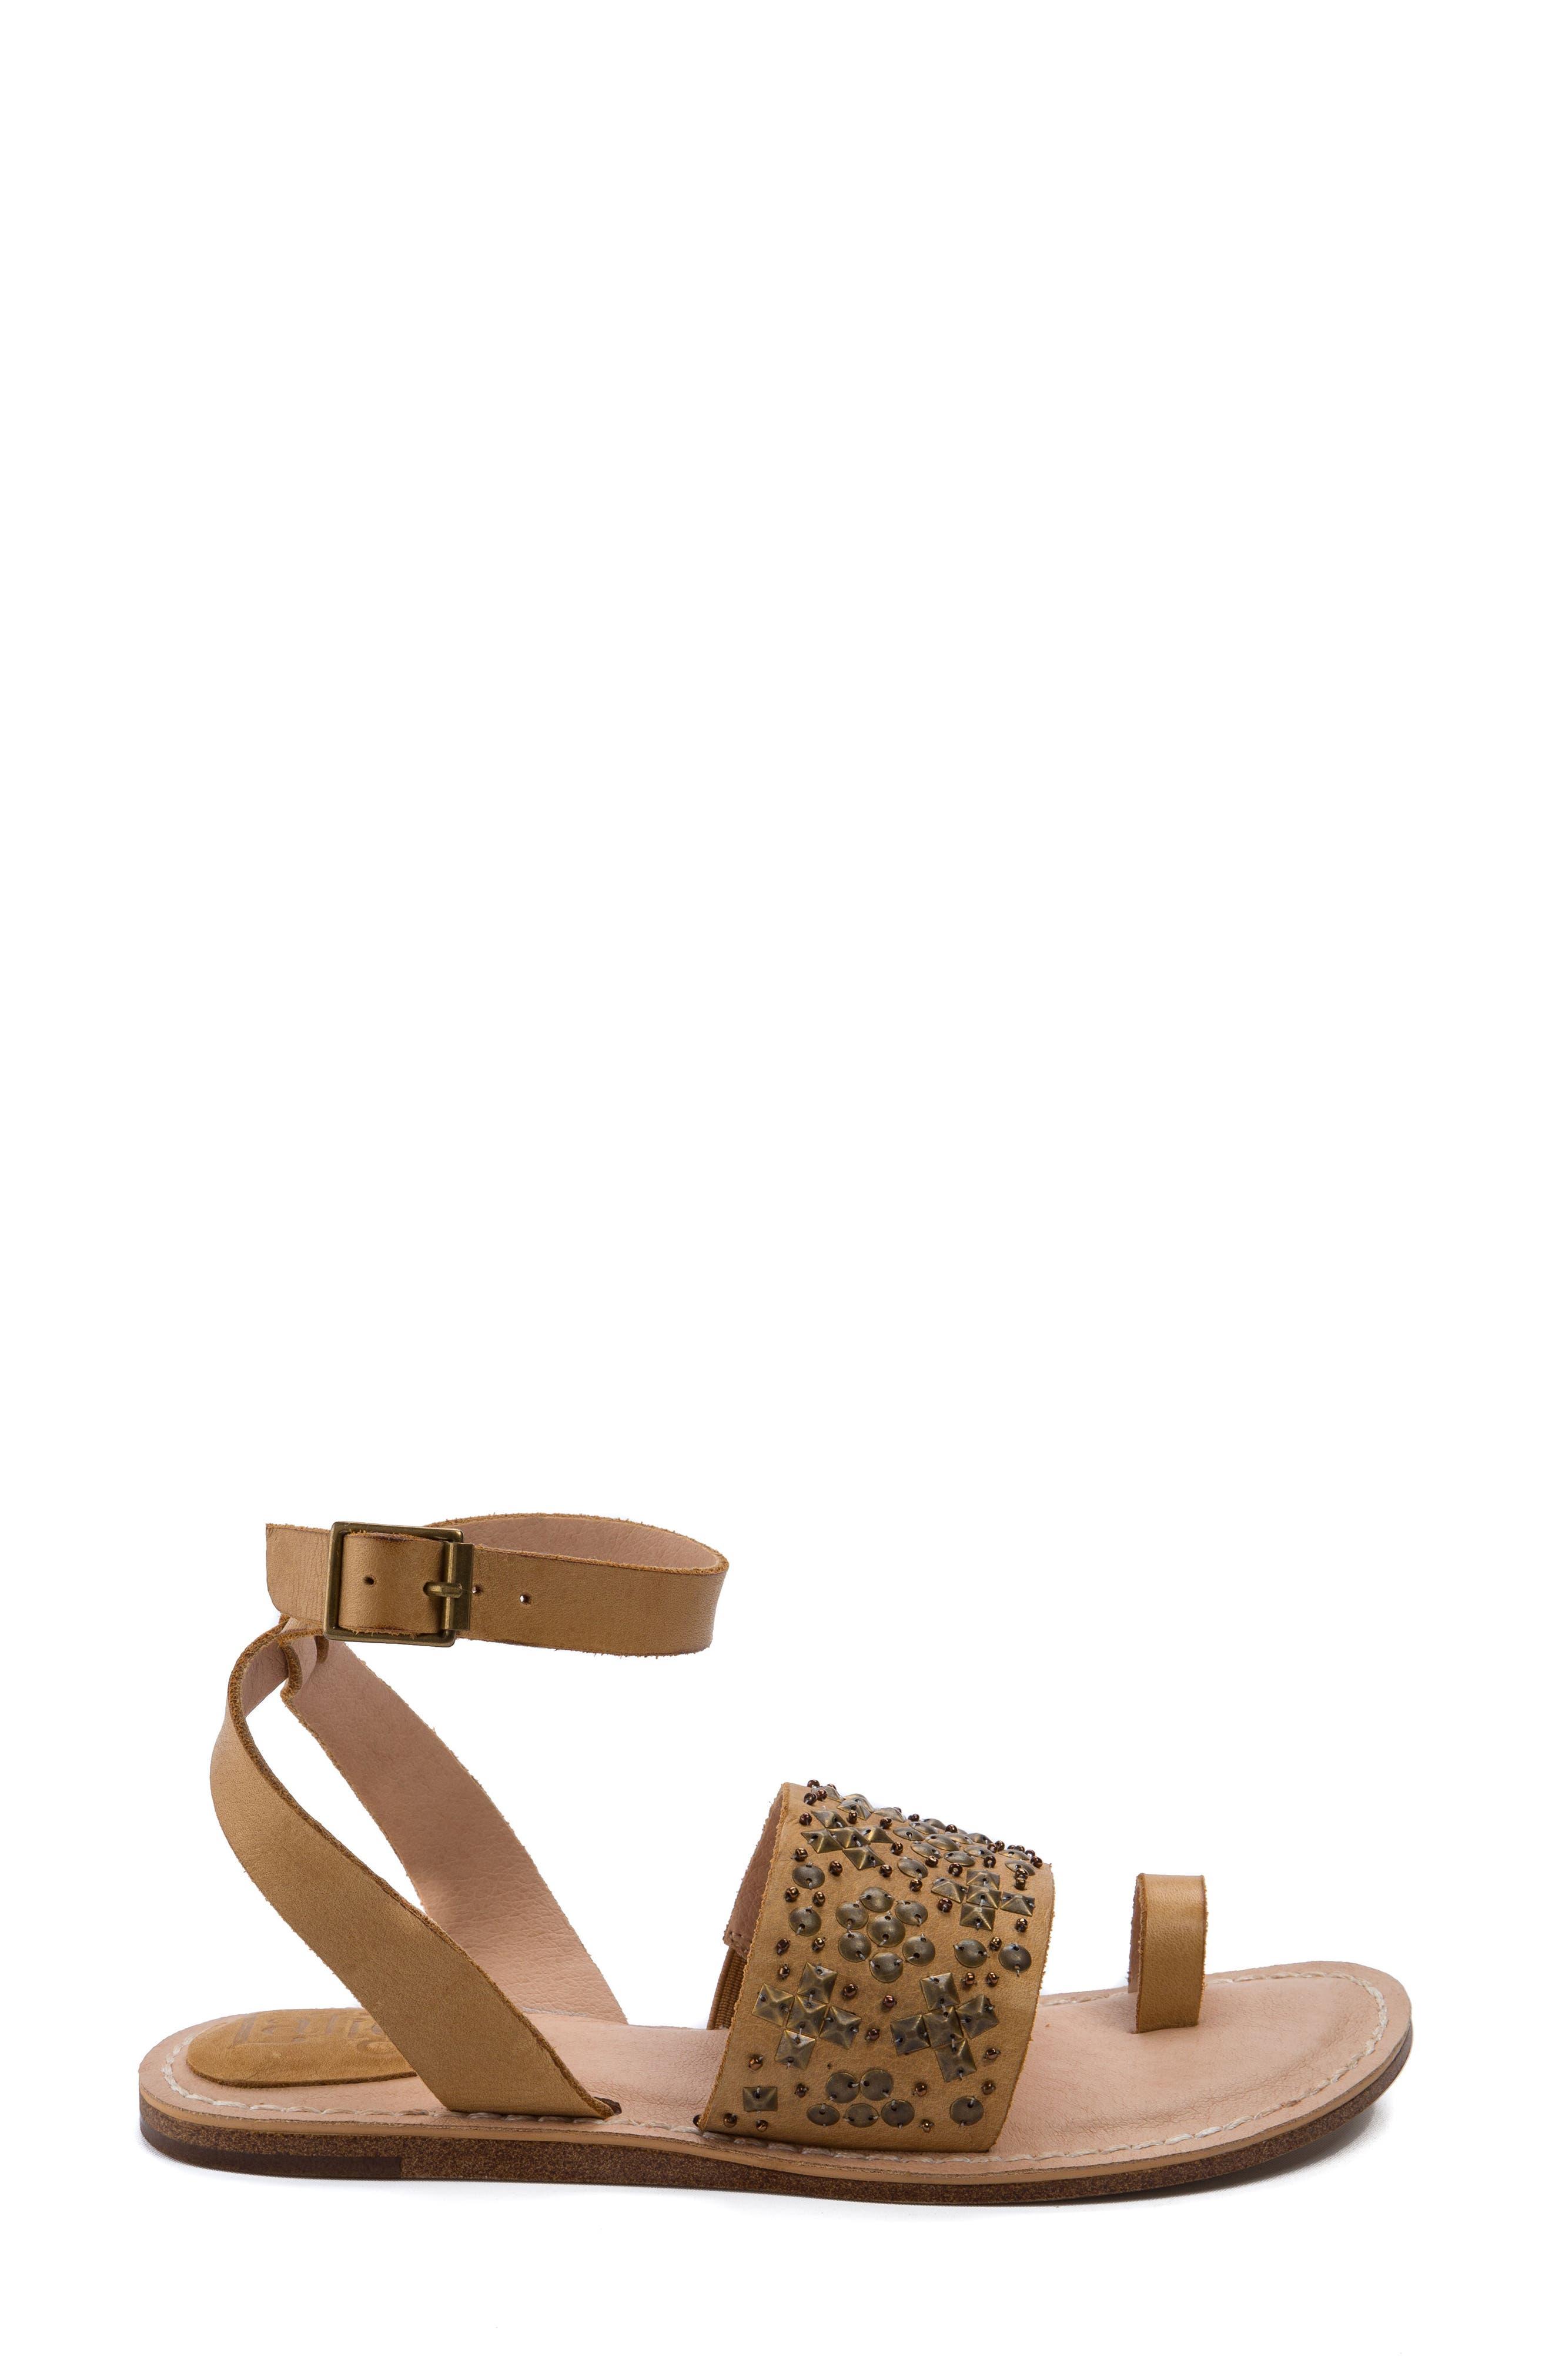 Vera Embellished Sandal,                             Alternate thumbnail 3, color,                             Dark Natural Leather